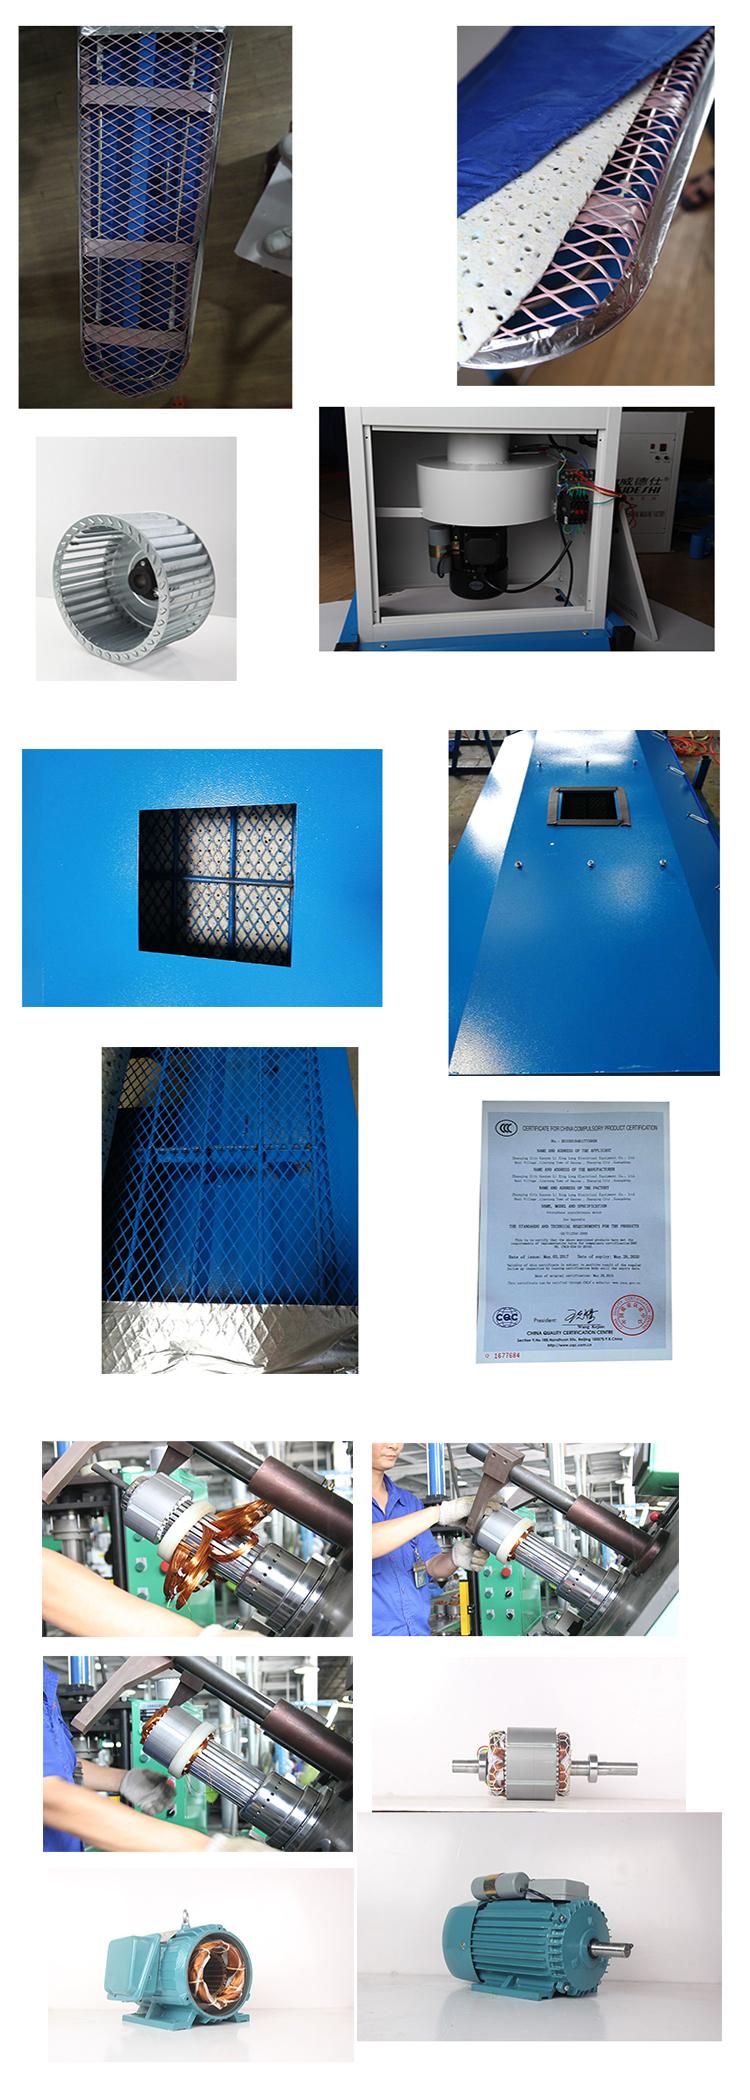 Fabriek wasserij apparatuur multi functie vacuüm stoom strijken tafel